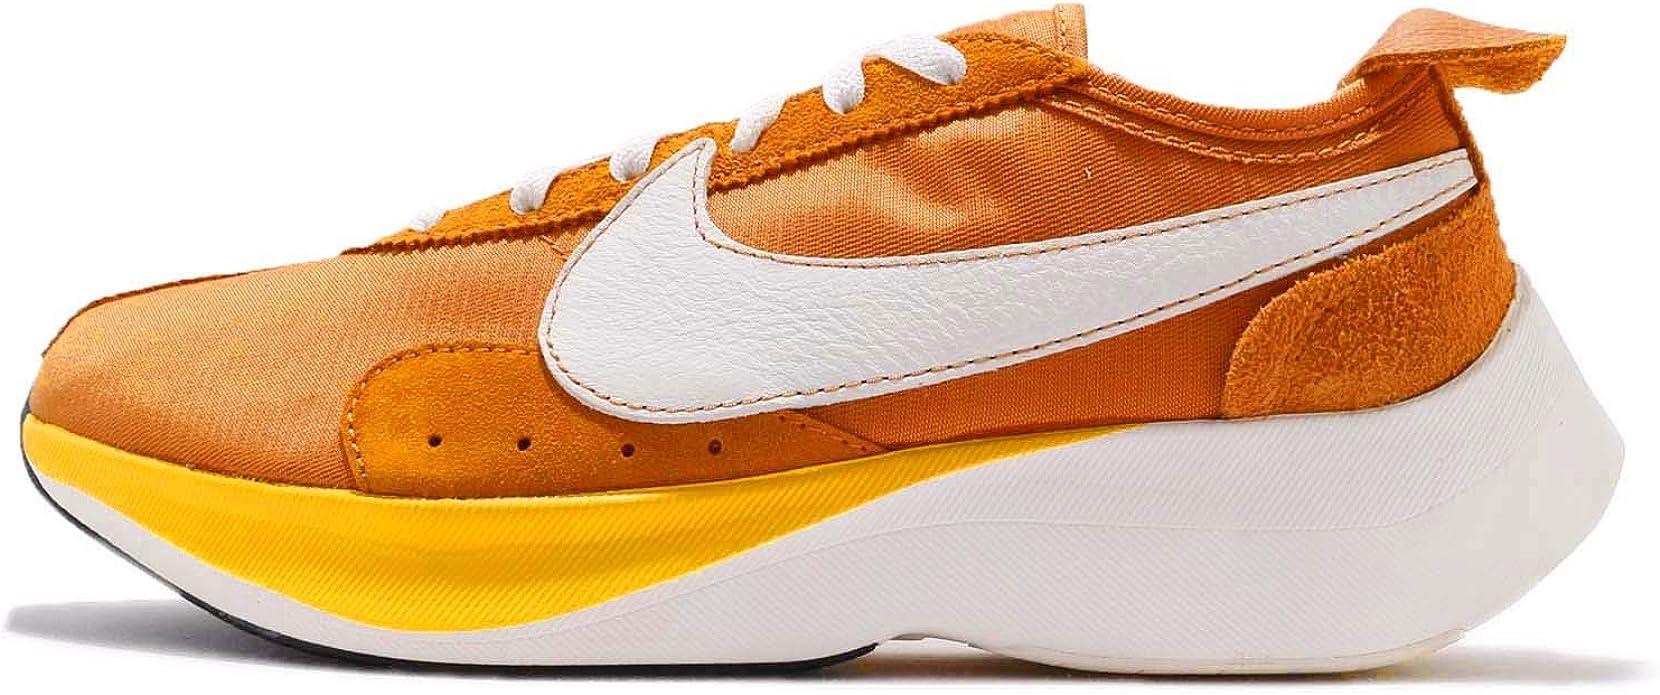 farmacia Superficie lunar Herméticamente  Amazon.com: Nike Moon Racer QS BV7779-800 Monarch/Sail/Amarillo -  Zapatillas de running para hombre, 14: Shoes